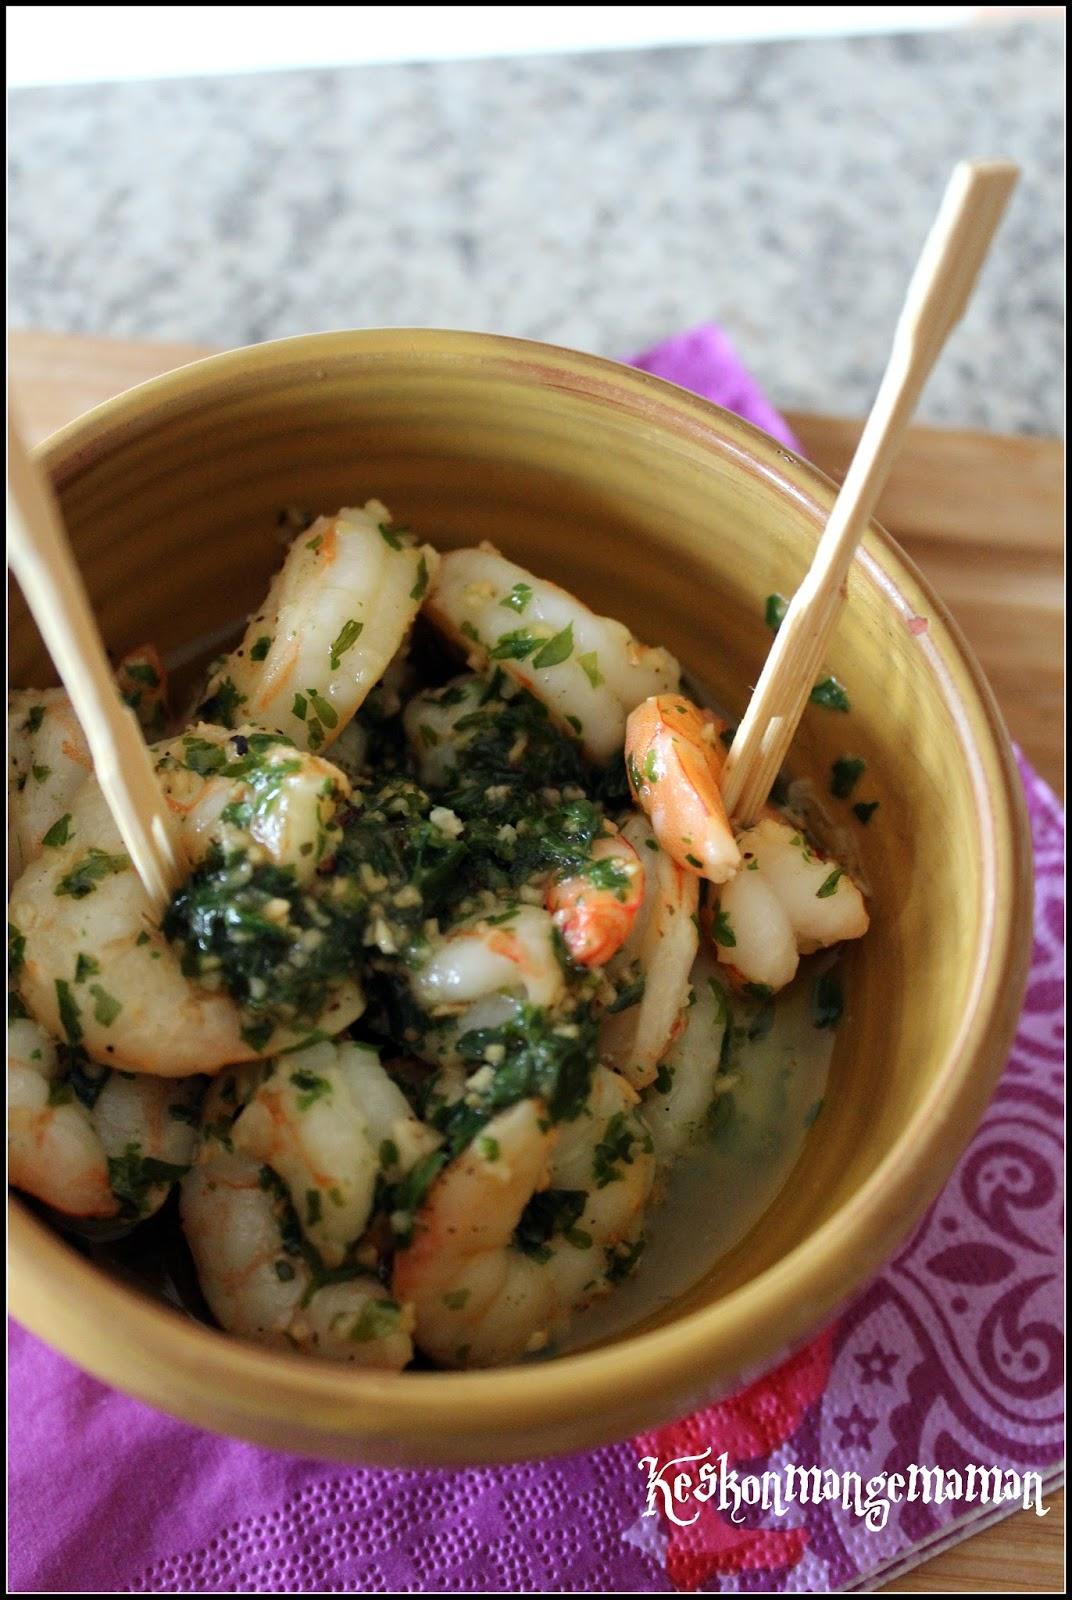 Keskonmangemaman crevettes saut es ail et persil linguine aux crevettes l 39 ail - Quand repiquer le persil ...